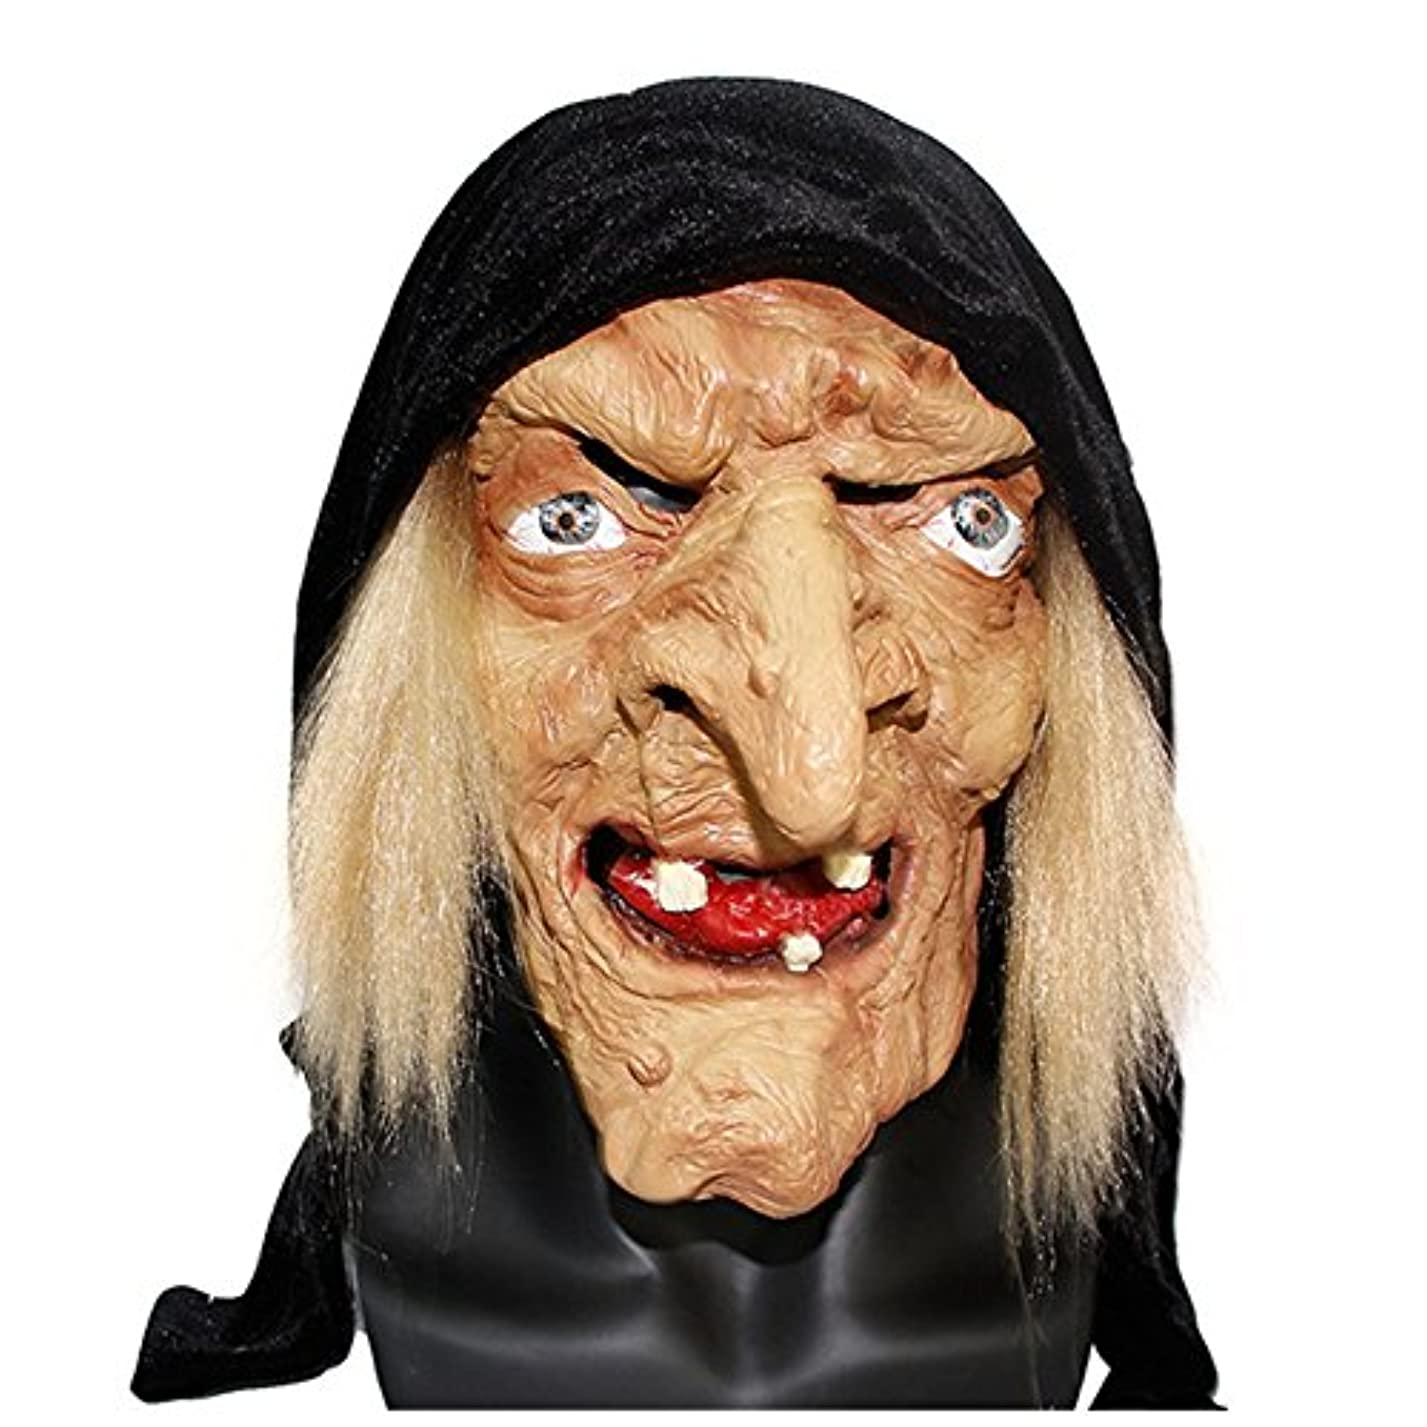 科学者モス数字ハロウィンマスク魔女の顔ラテックスヘッドギア怖いお化け屋敷のおもちゃホラー大人の女性の装飾的なフェイスマスク